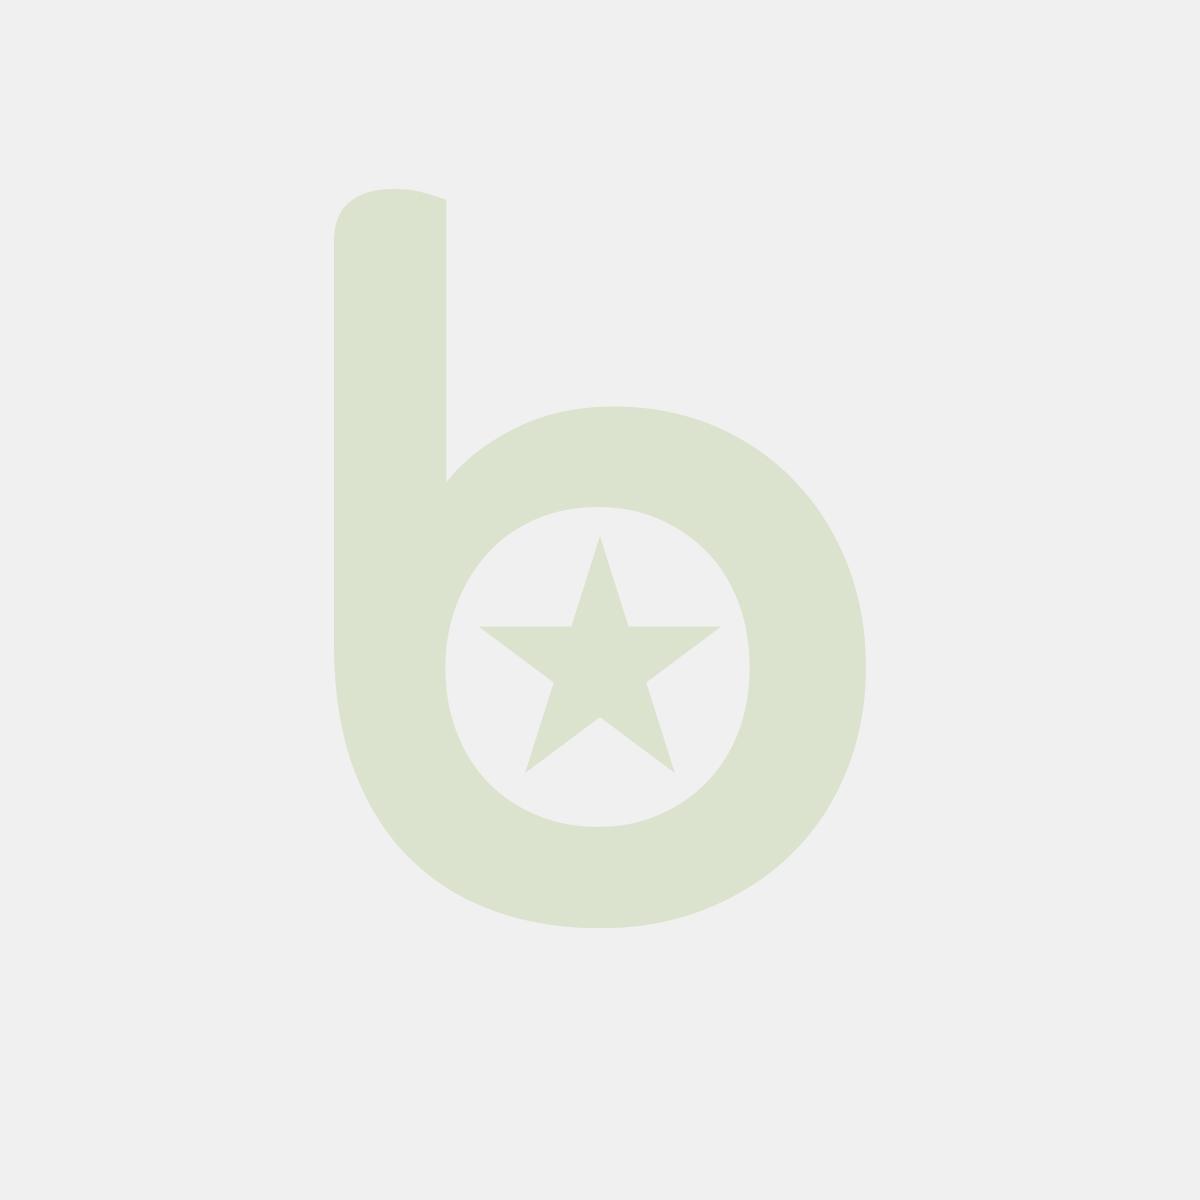 Pojemnik obiadowy do zgrzewu B-9520B, niski 2-dzielny, biały, 227x178x33, cena za op. 40 sztuk